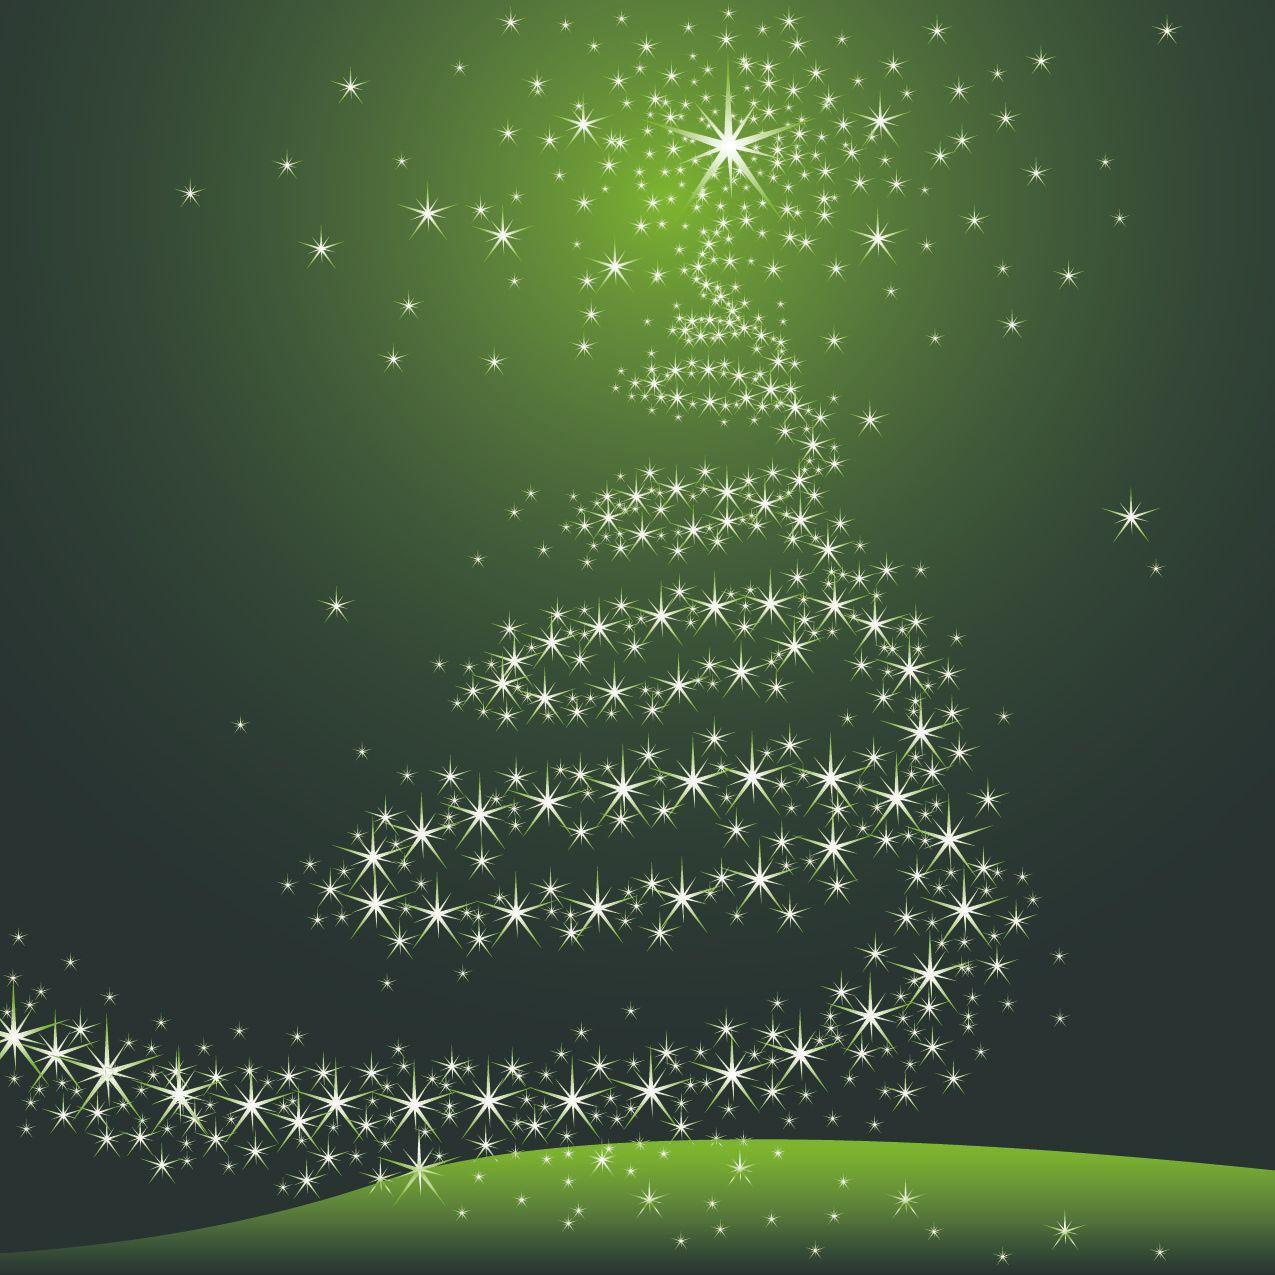 Rbol estrellado decorativo de navidad en fondo verde for Arbol navidad verde